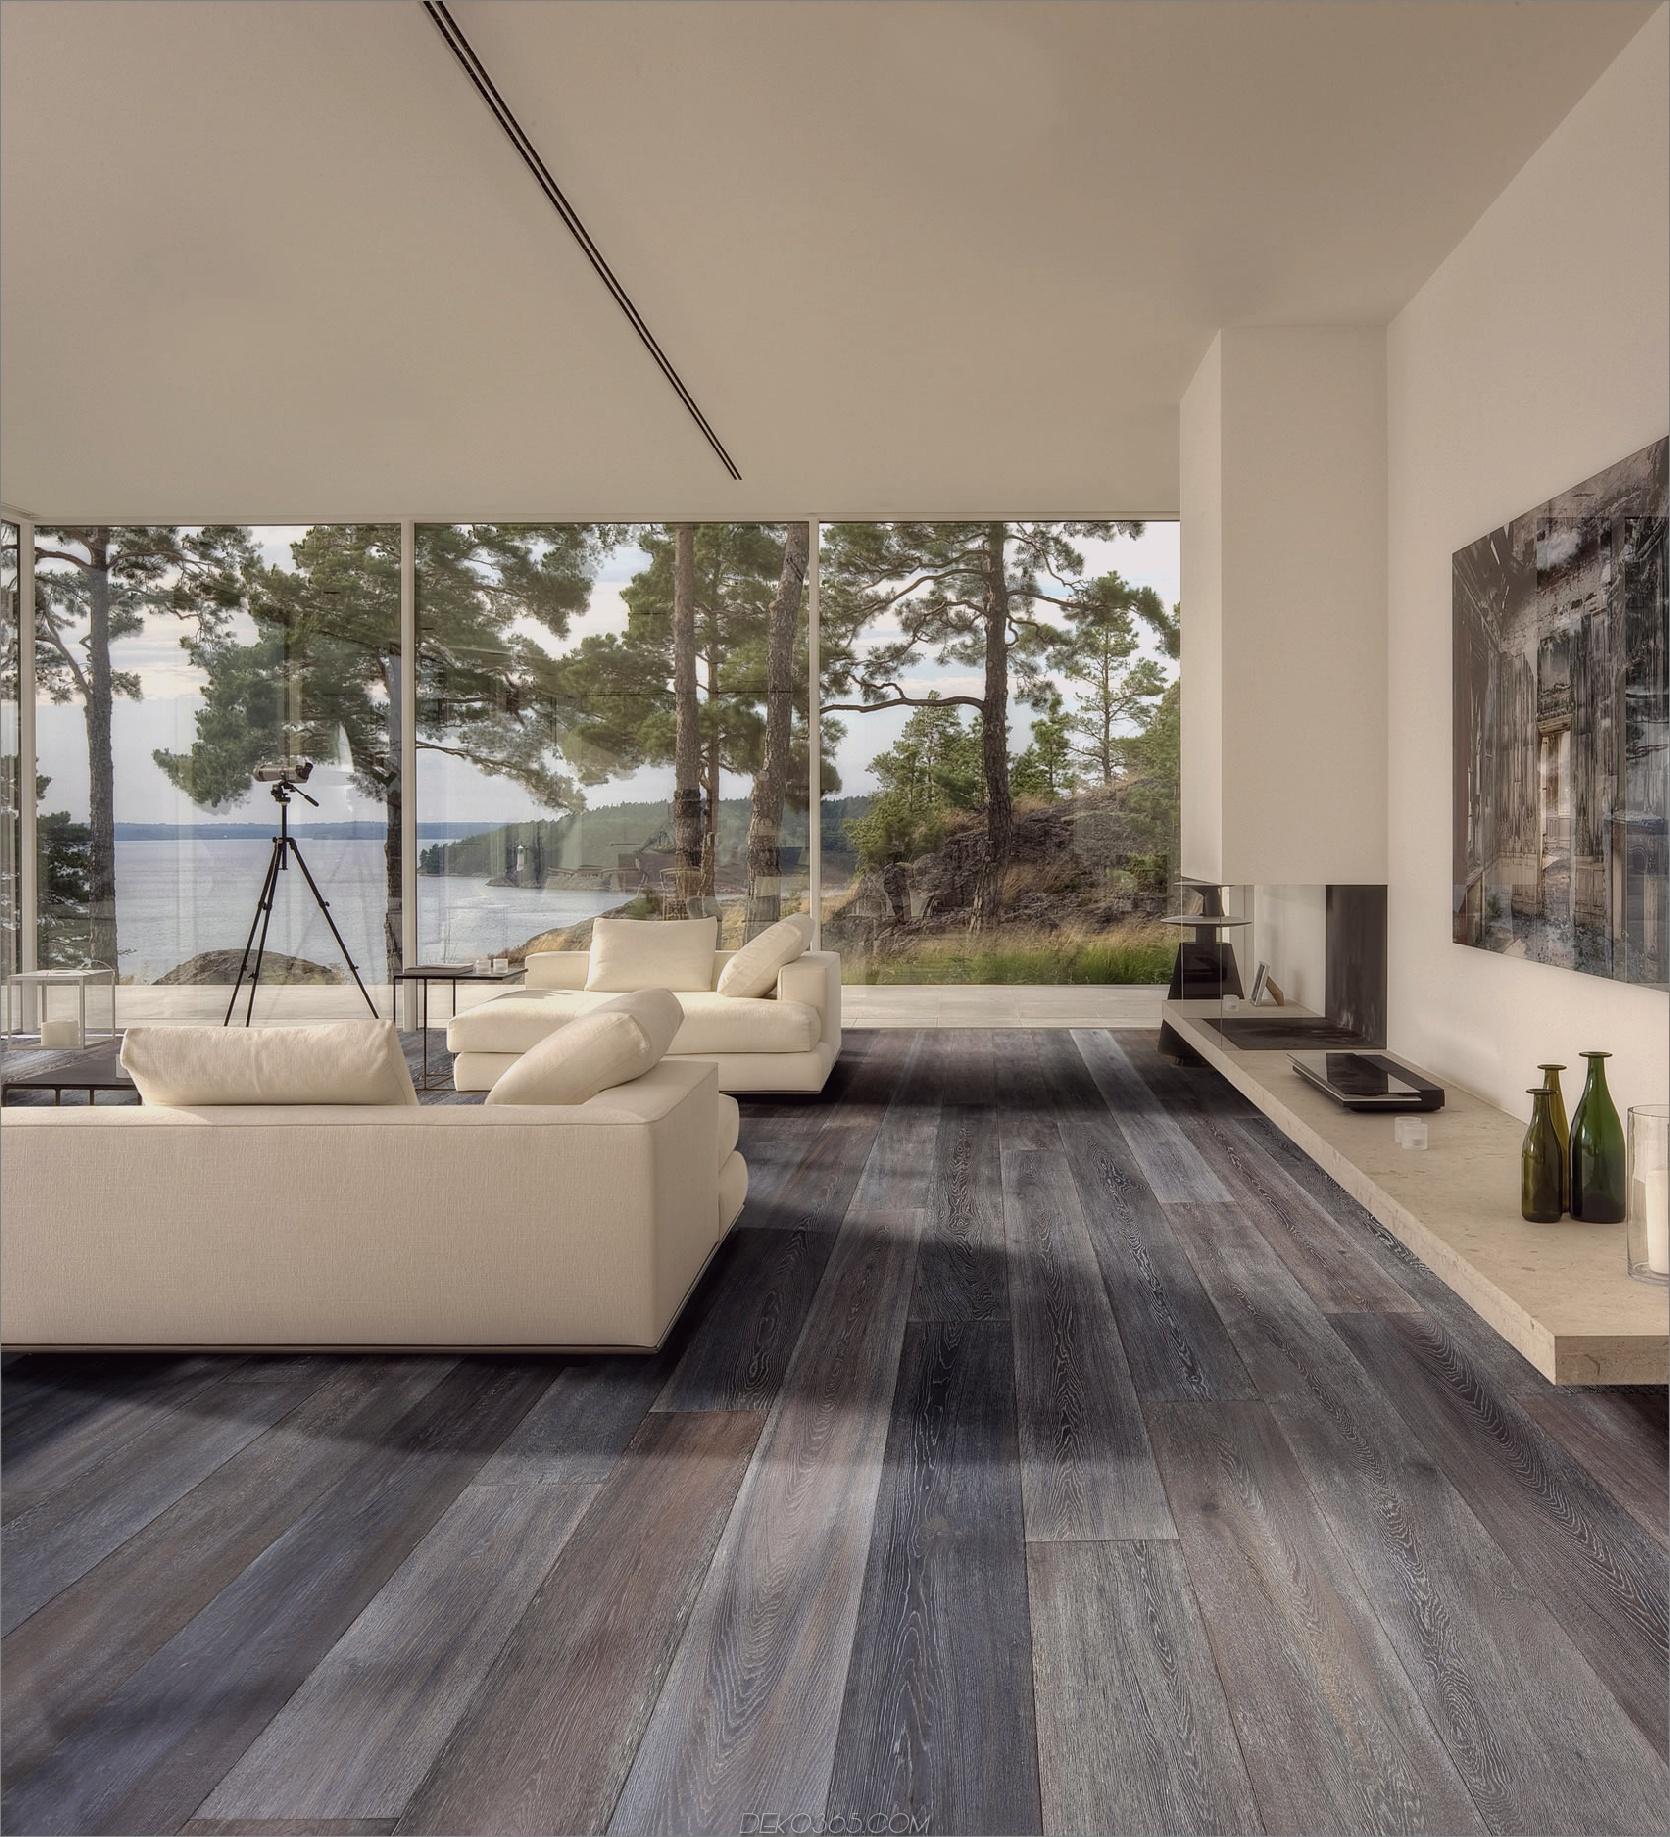 Breitdiele Hartholz Hartholz-Boden-Designs, die derzeit im Trend sind